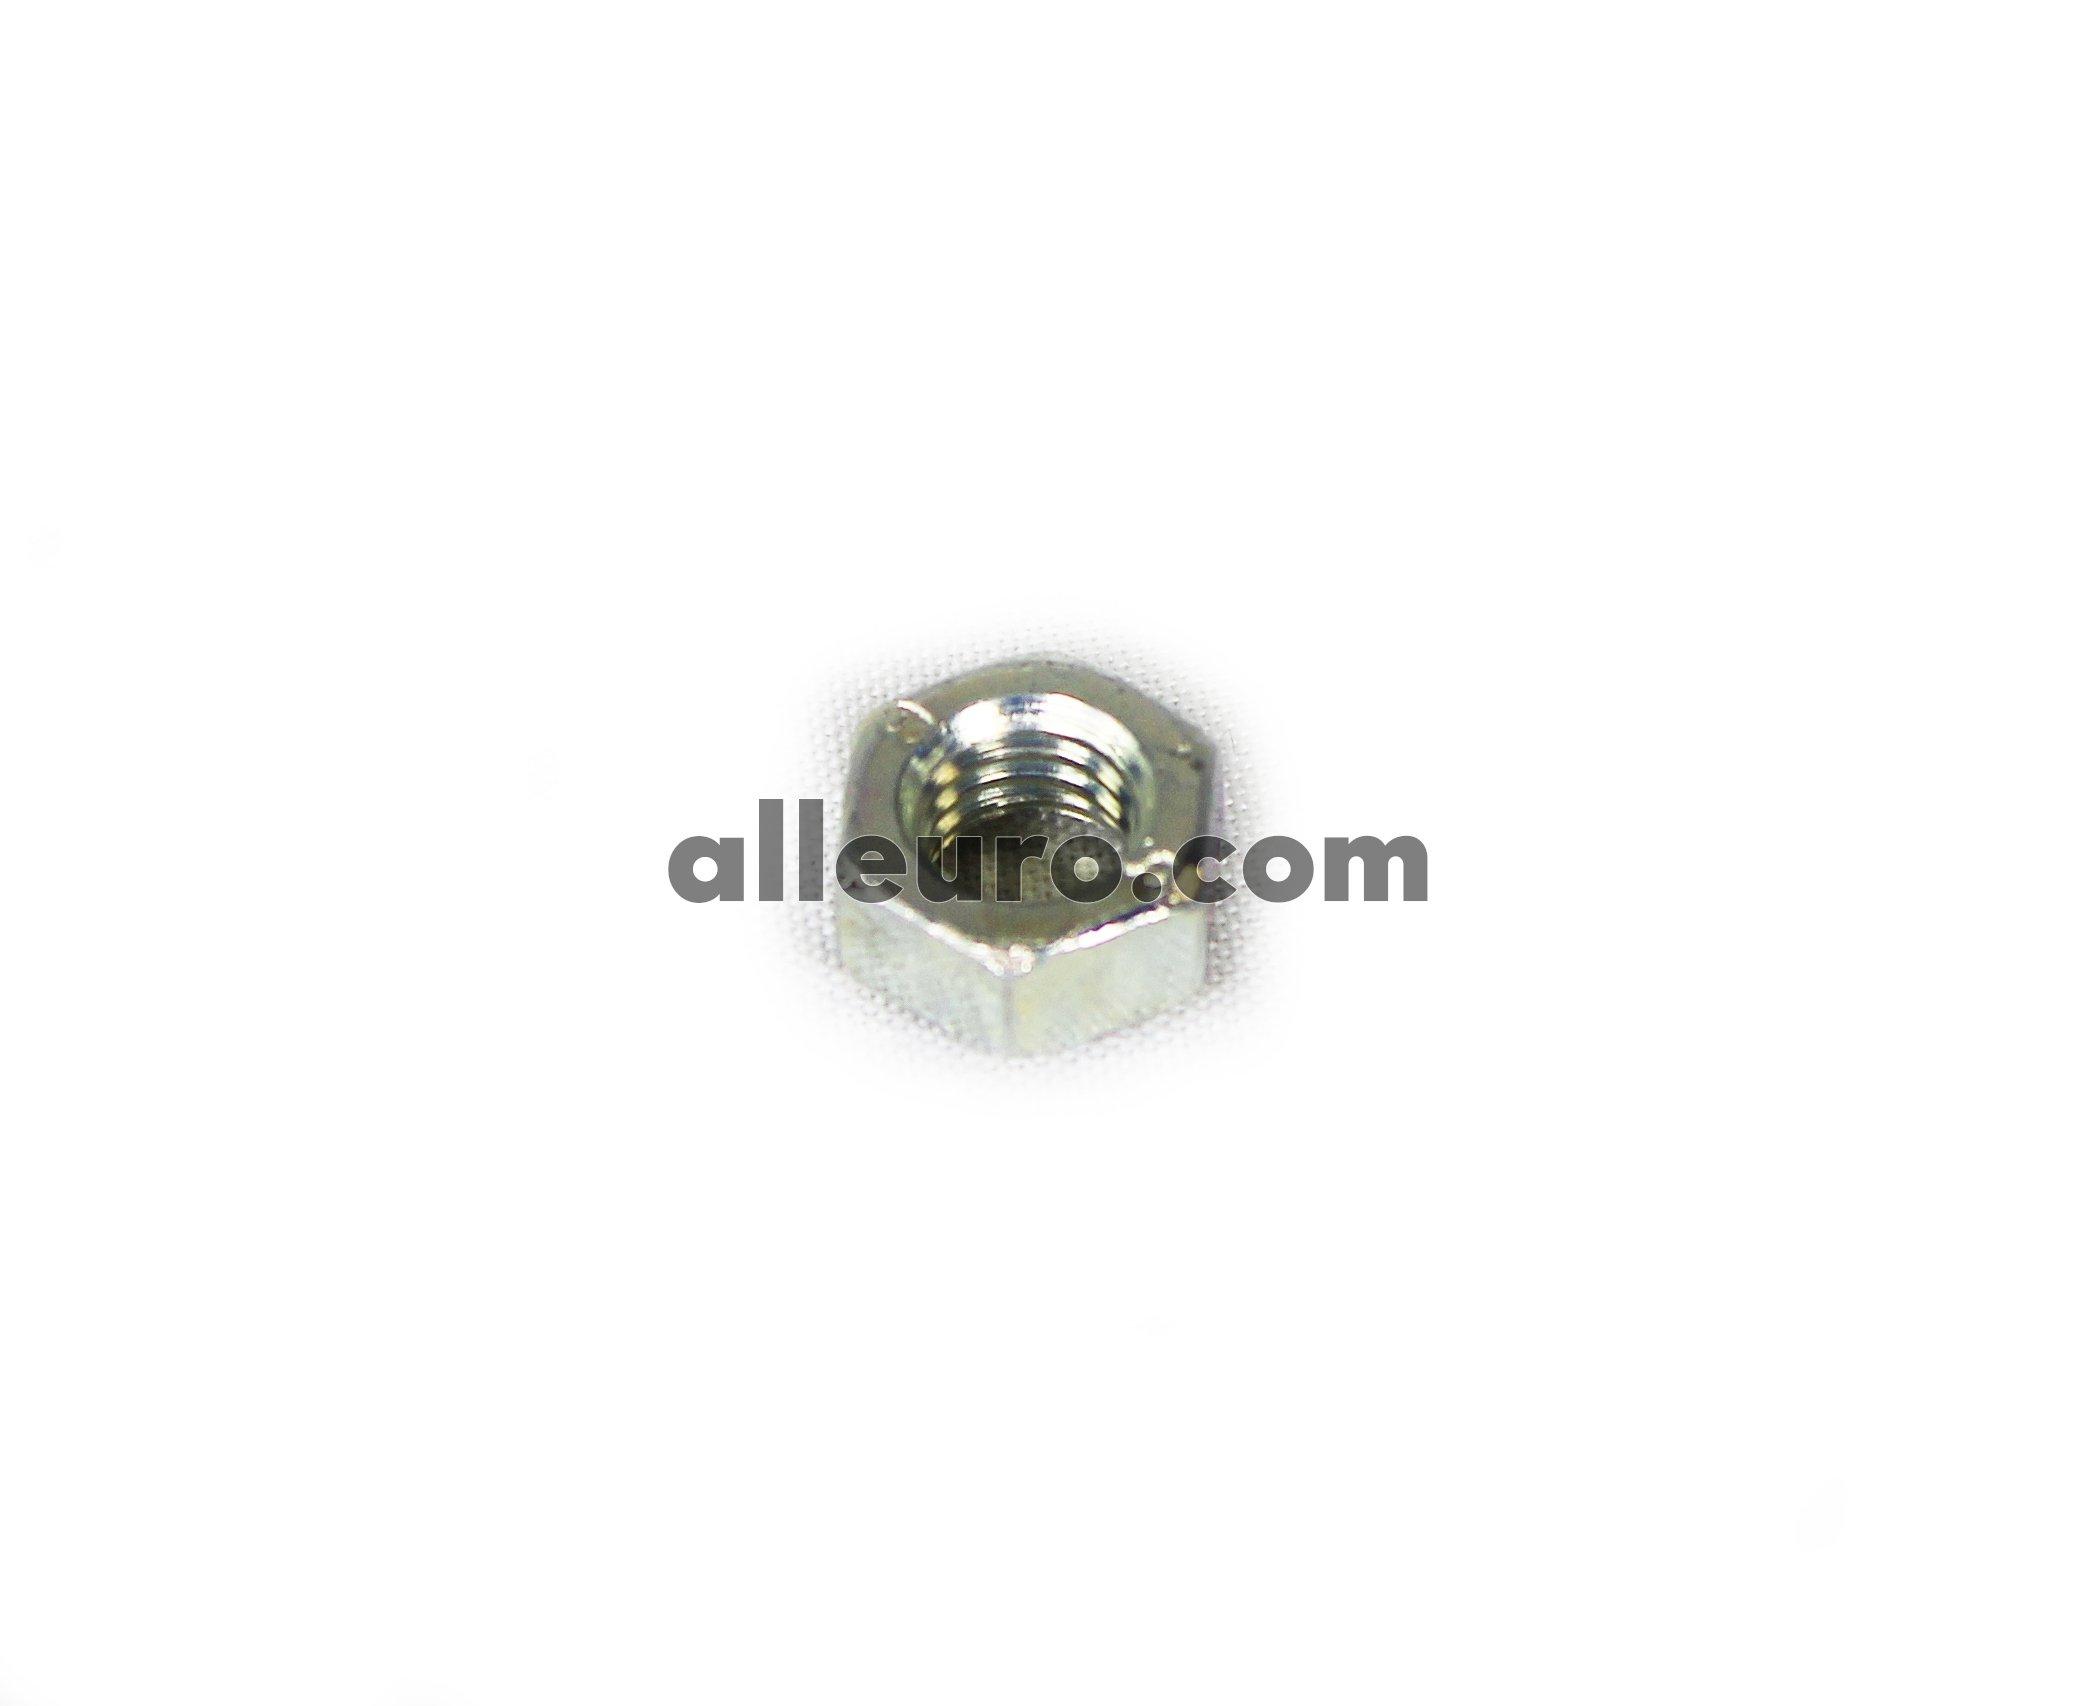 Shop Supply  N-011-005-2 - NUT, 5mm